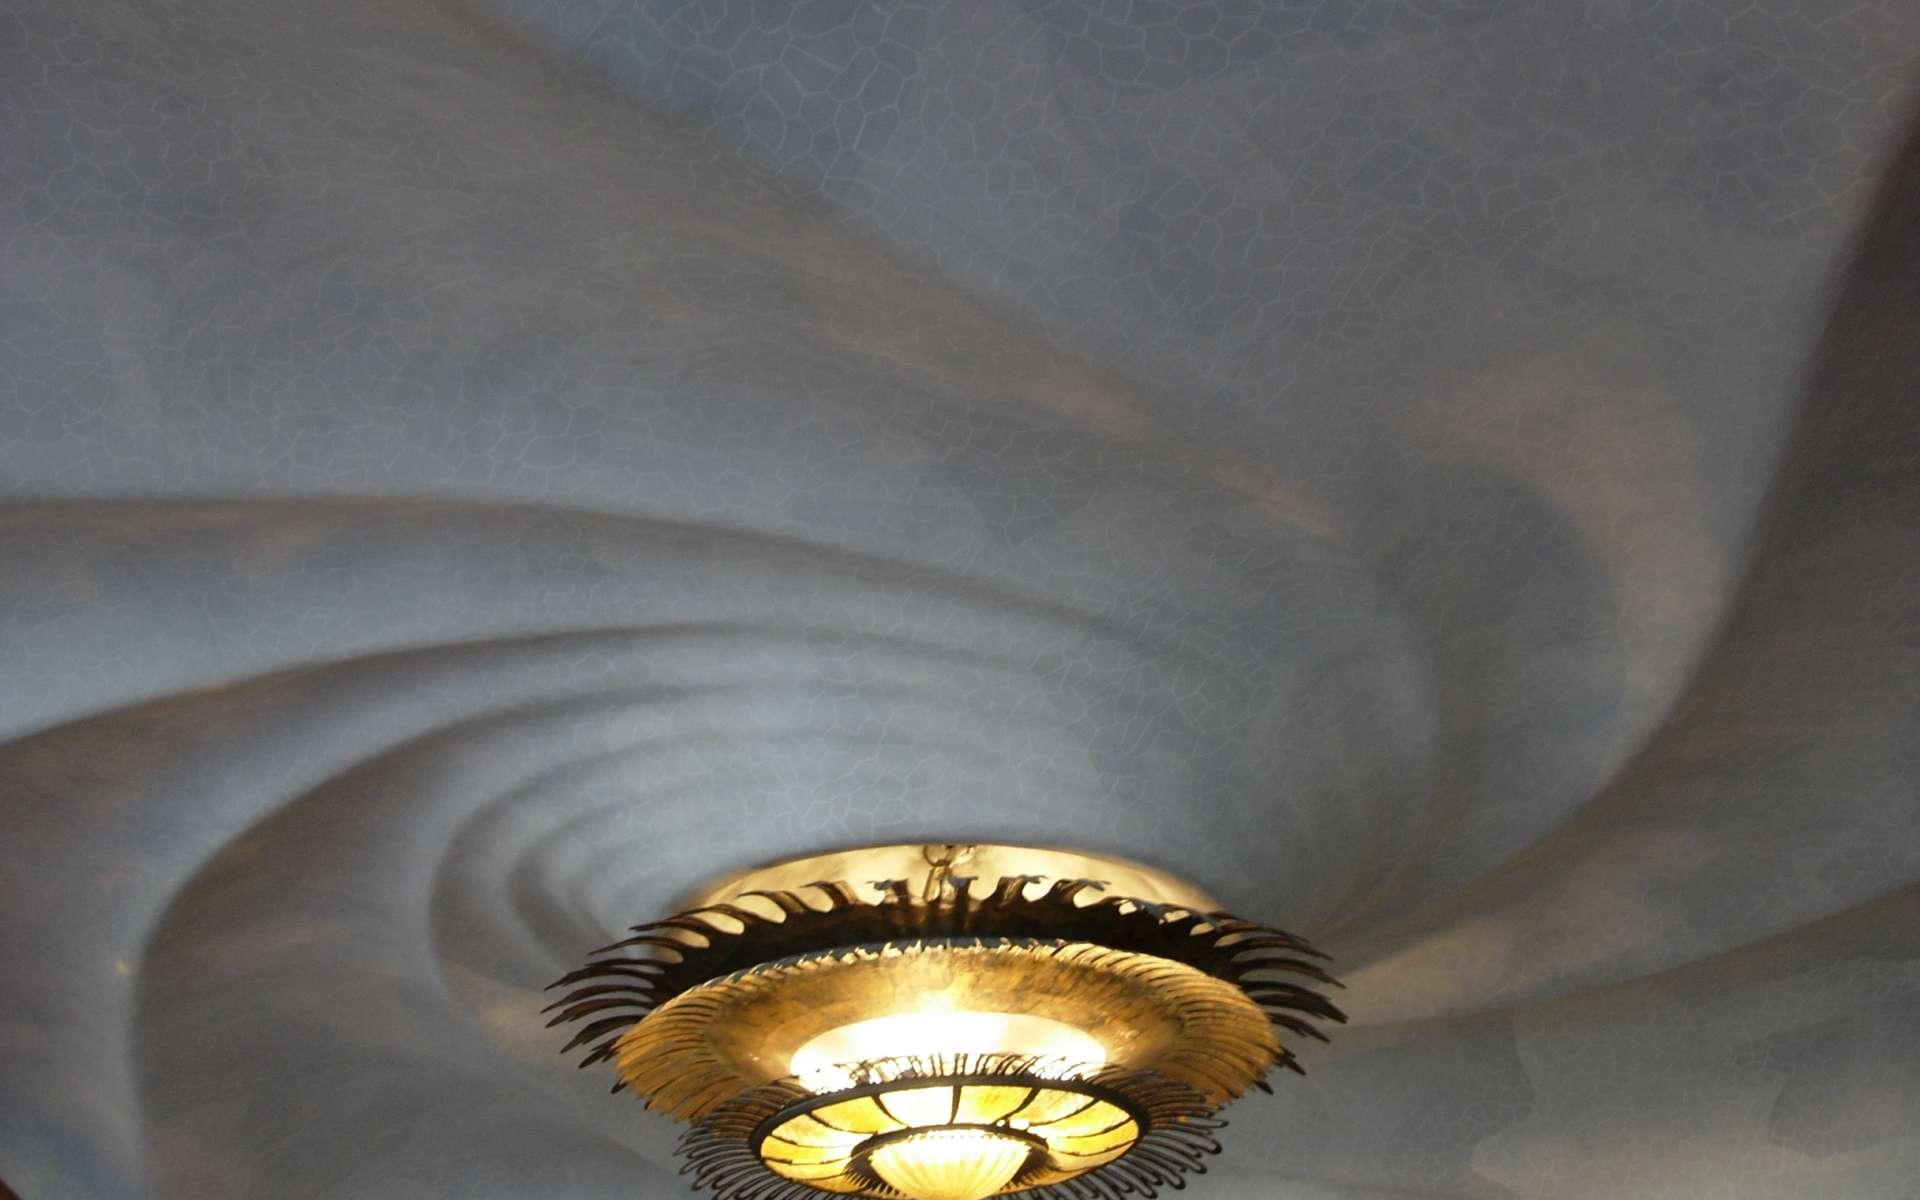 Le plafonnier est un système d'éclairage collé complètement ou en partie au plafond. © Mcginnly, CC BY-SA 2.0, Wikimedia Commons